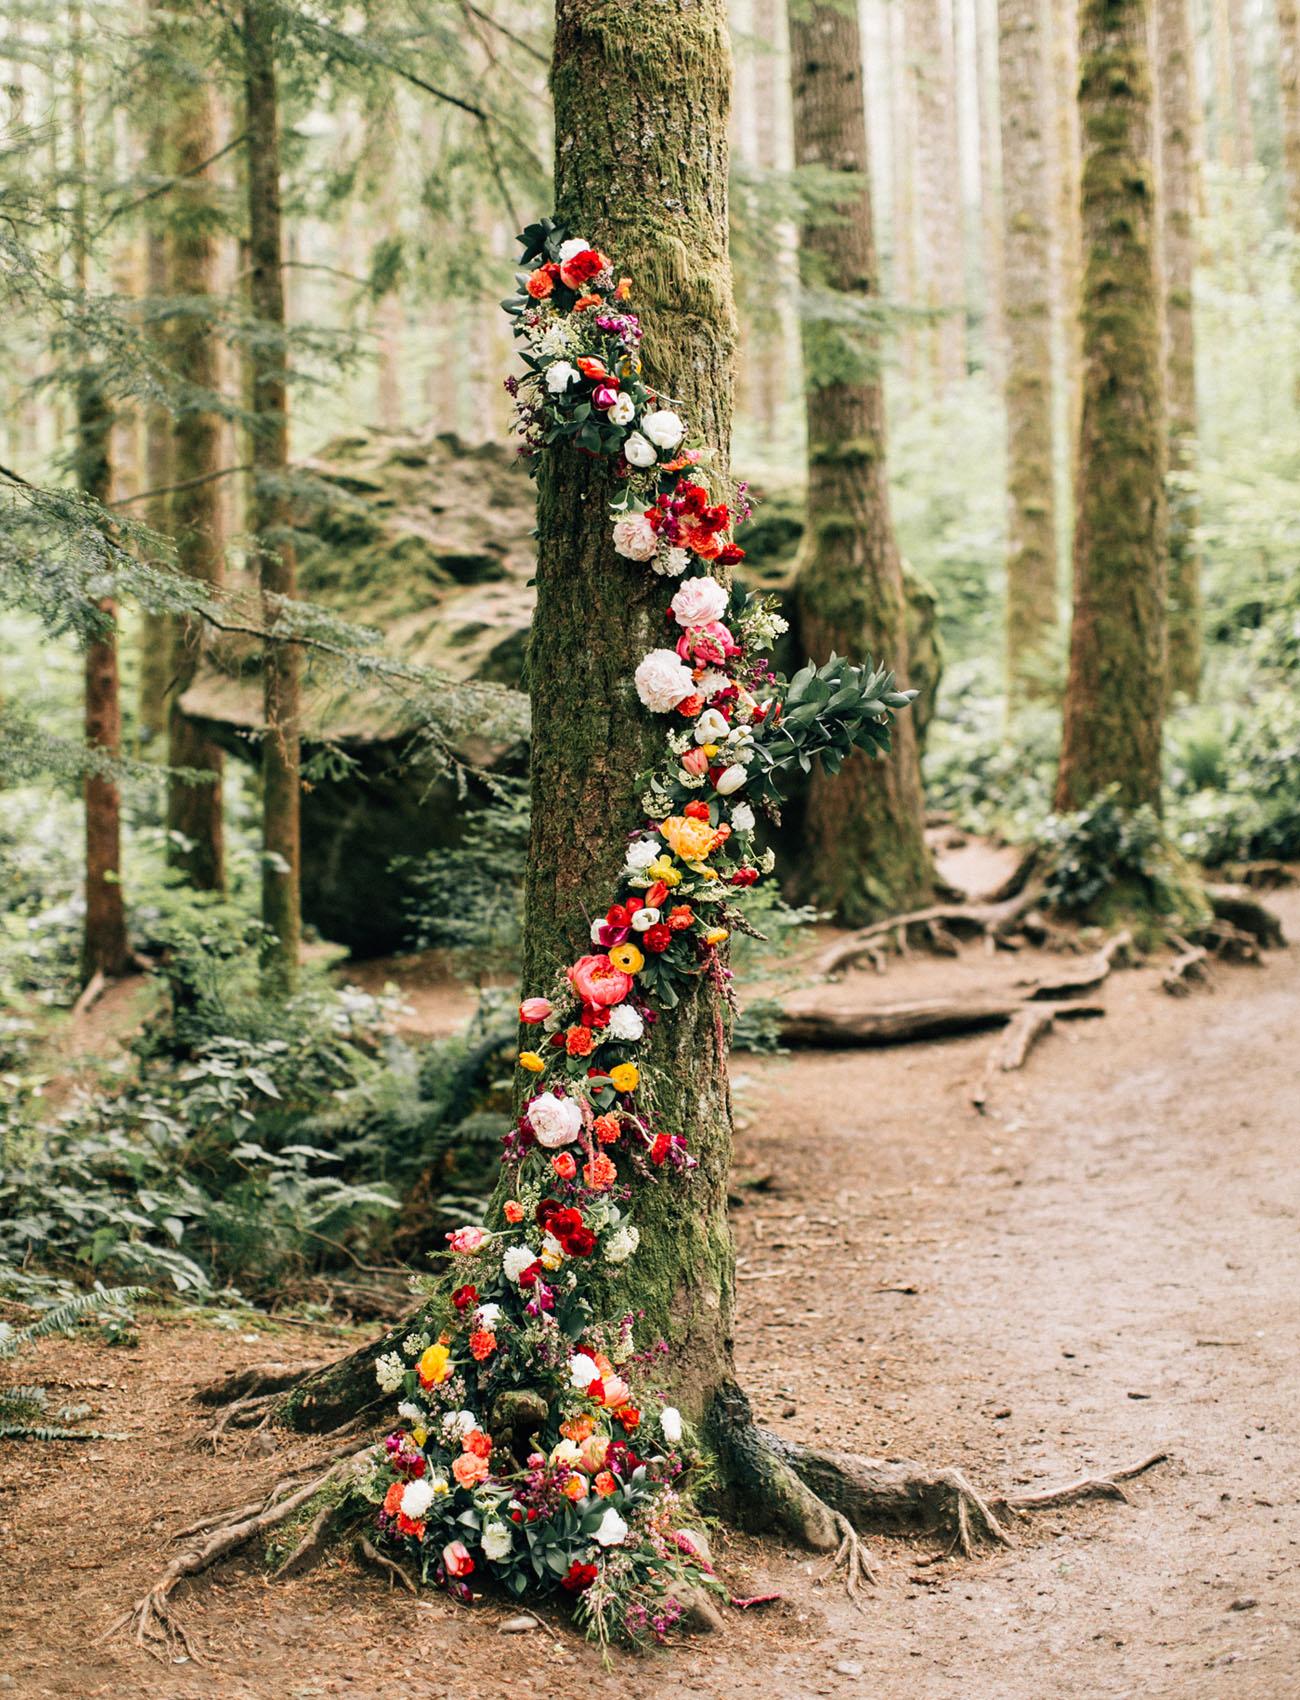 Bruiloft decoratie boom met bloemen